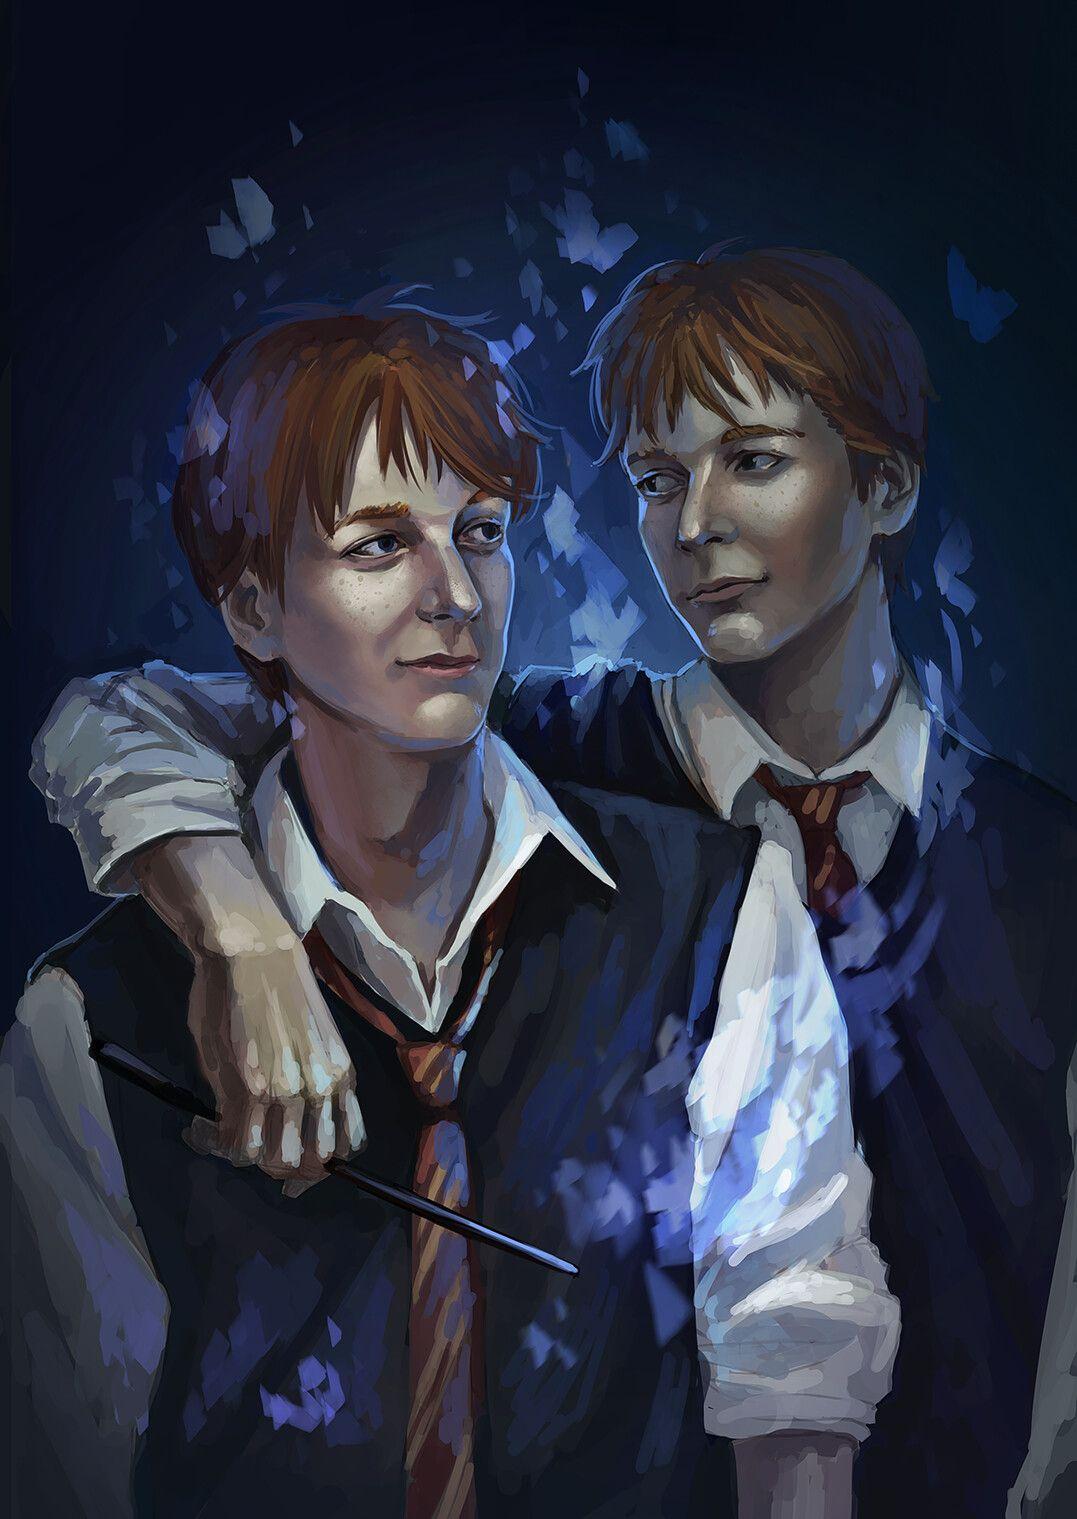 Artstation Weasley Twins Daria Davydova Harry Potter Illustrations Harry Potter Artwork George Weasley Fan Art